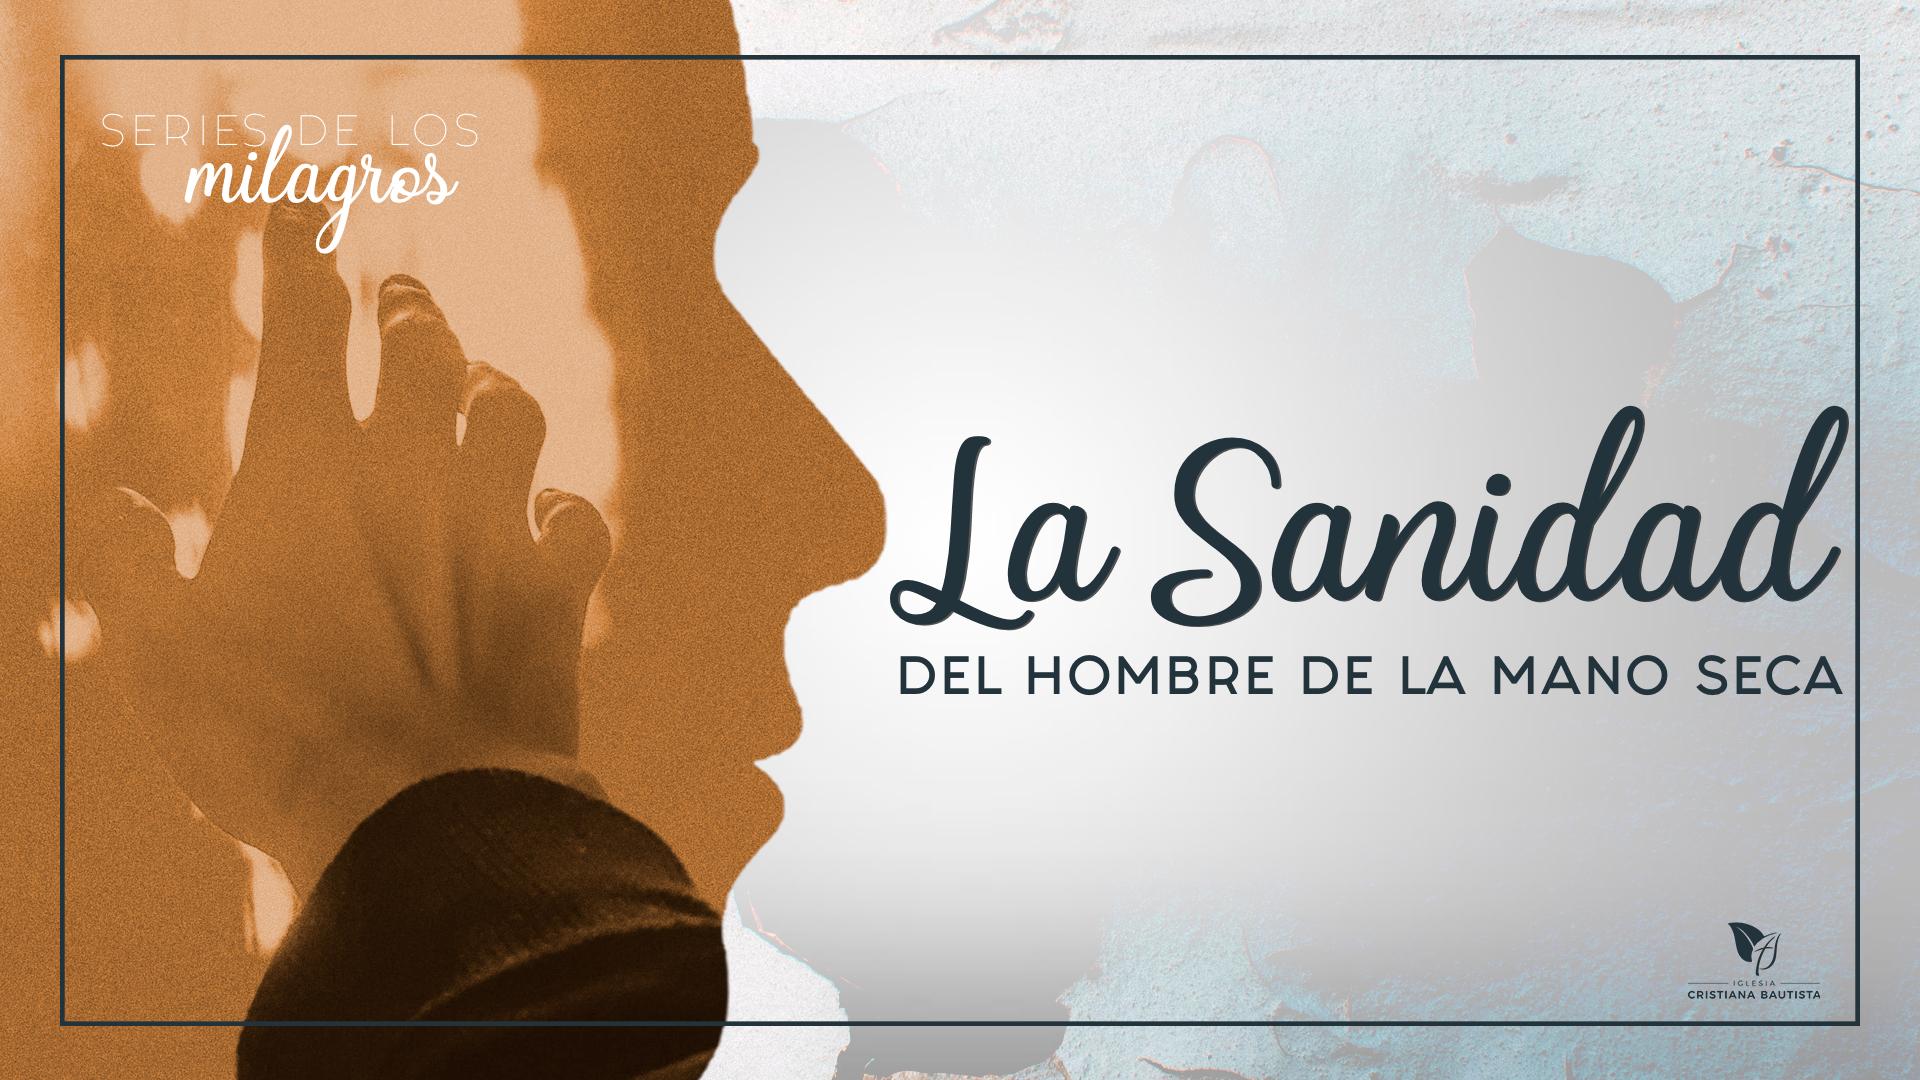 La Sanidad Del Hombre De La Mano Seca Pastor Arturo Muñoz Por Pastor Arturo Muñoz Predicaciones En Mp3 Sermones Cristianos